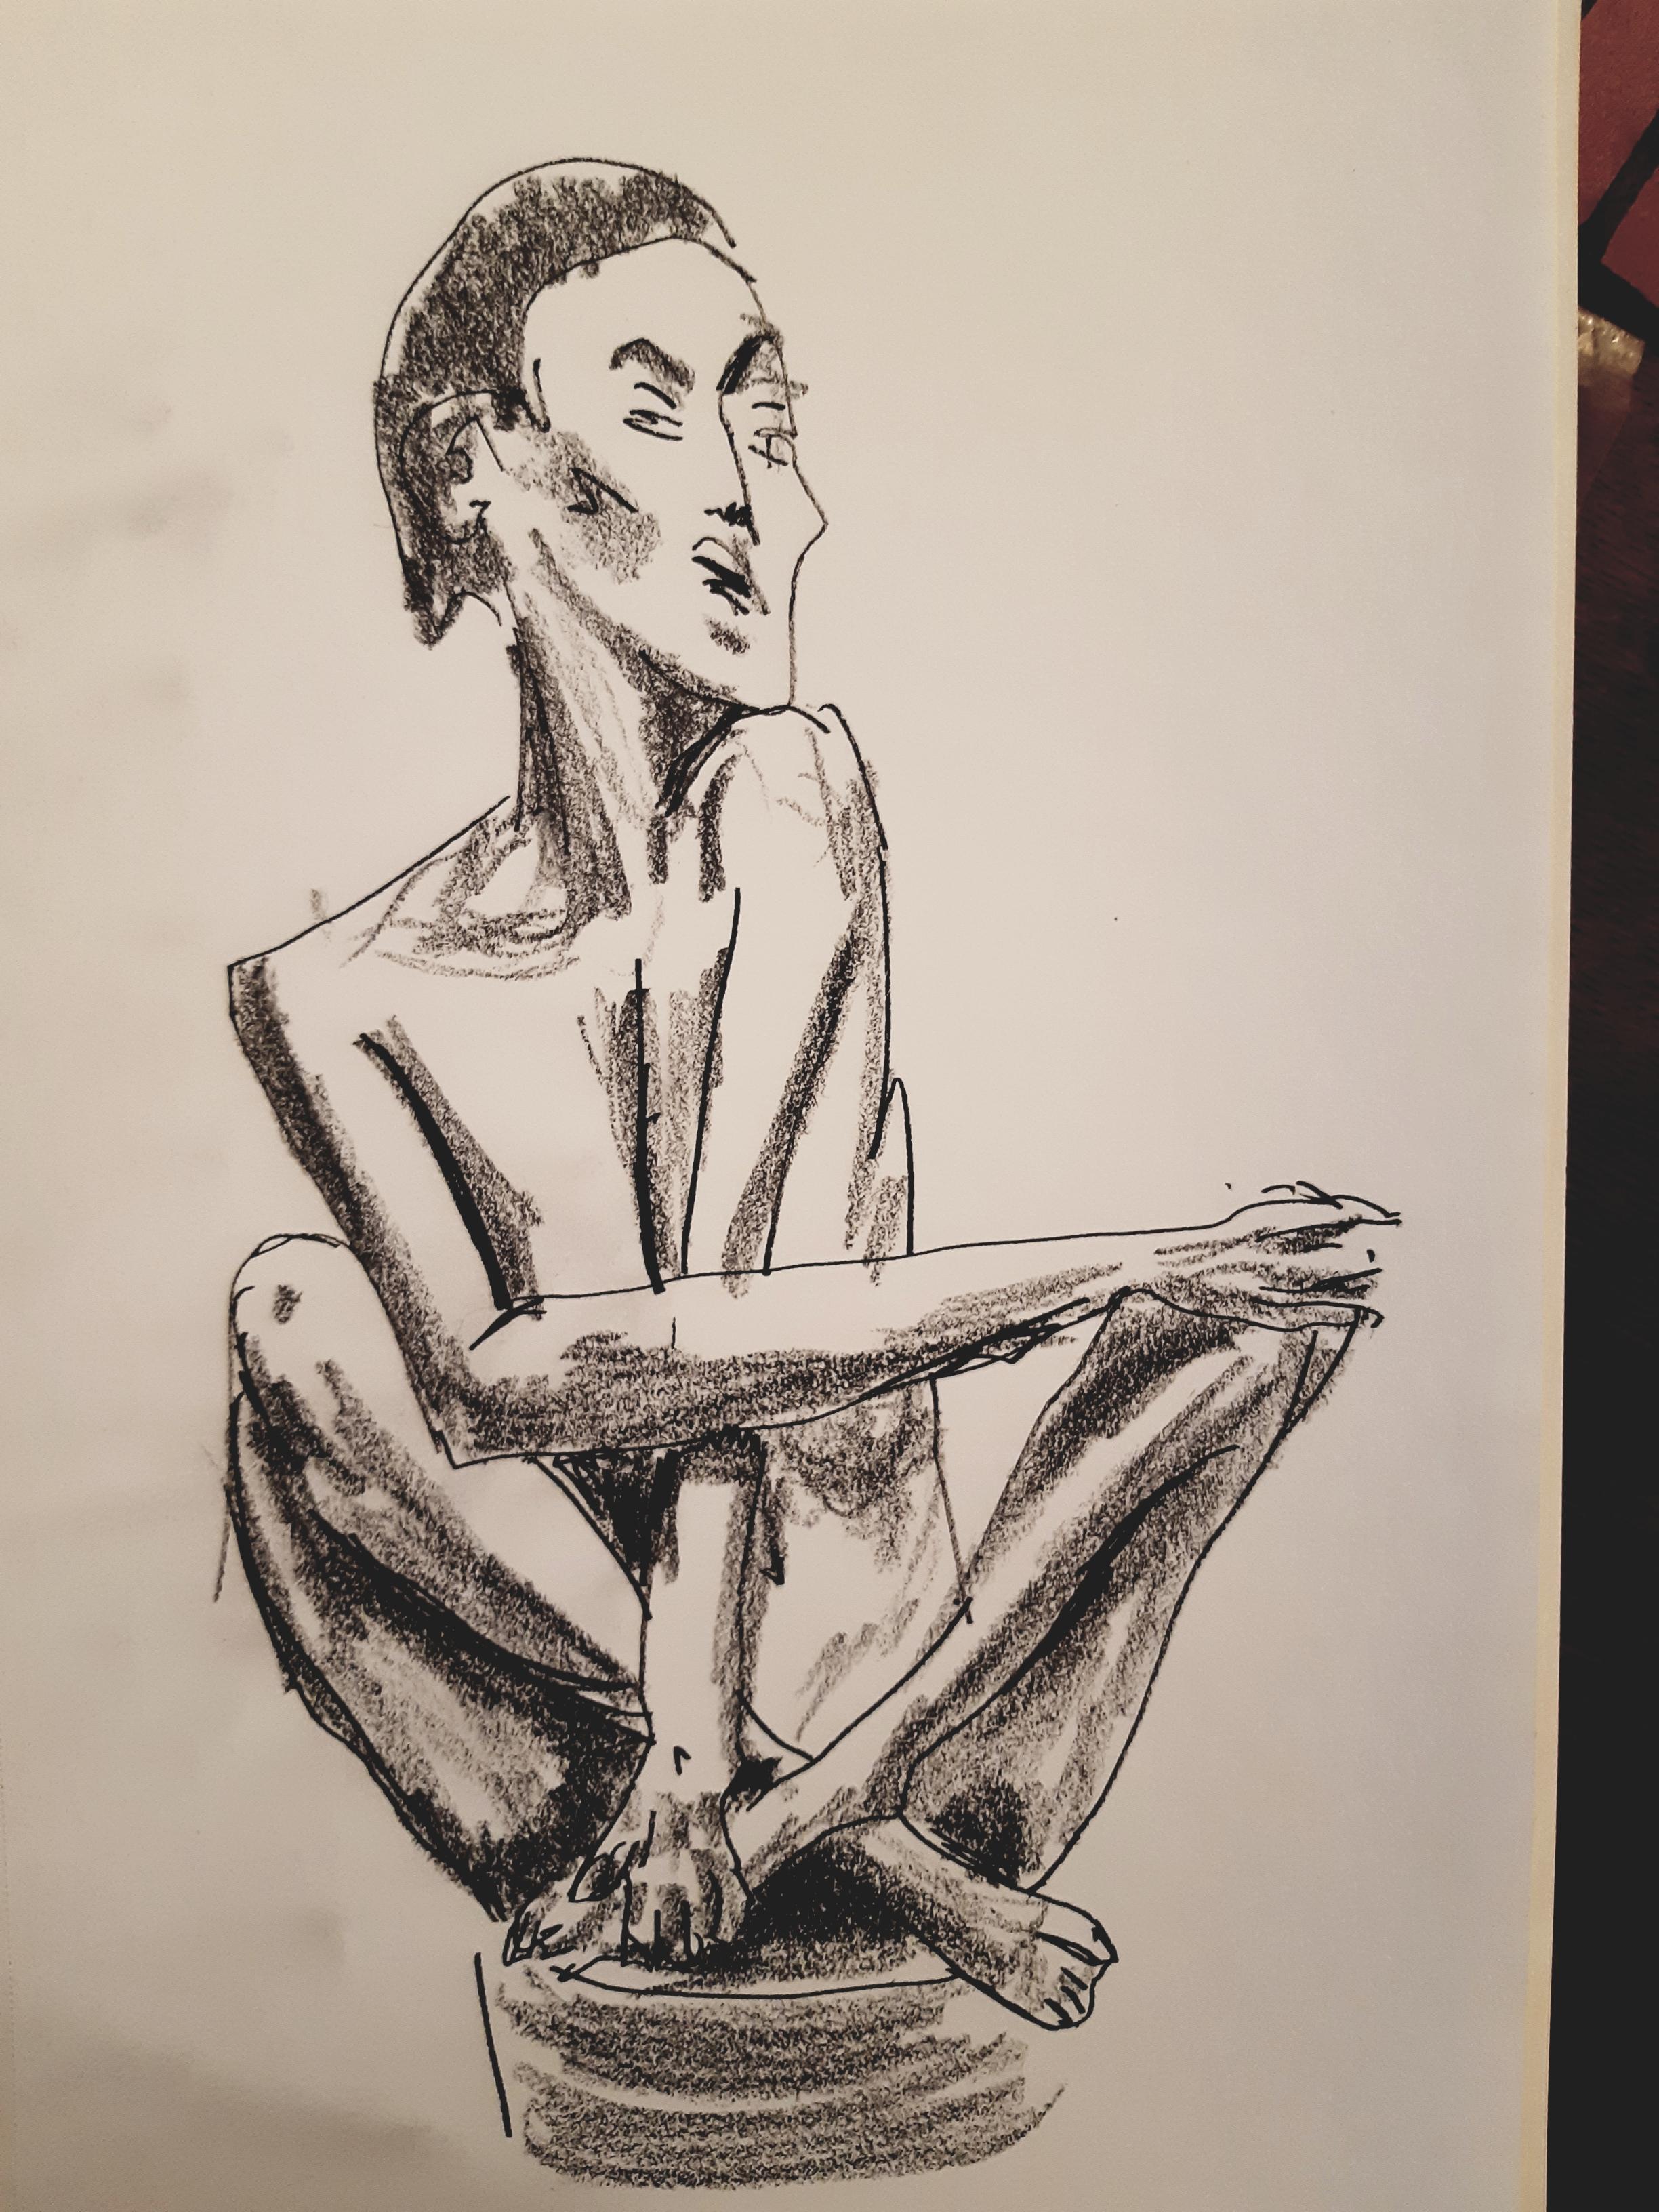 Esquisse feutre fusain statuettes dessin  cours de dessin